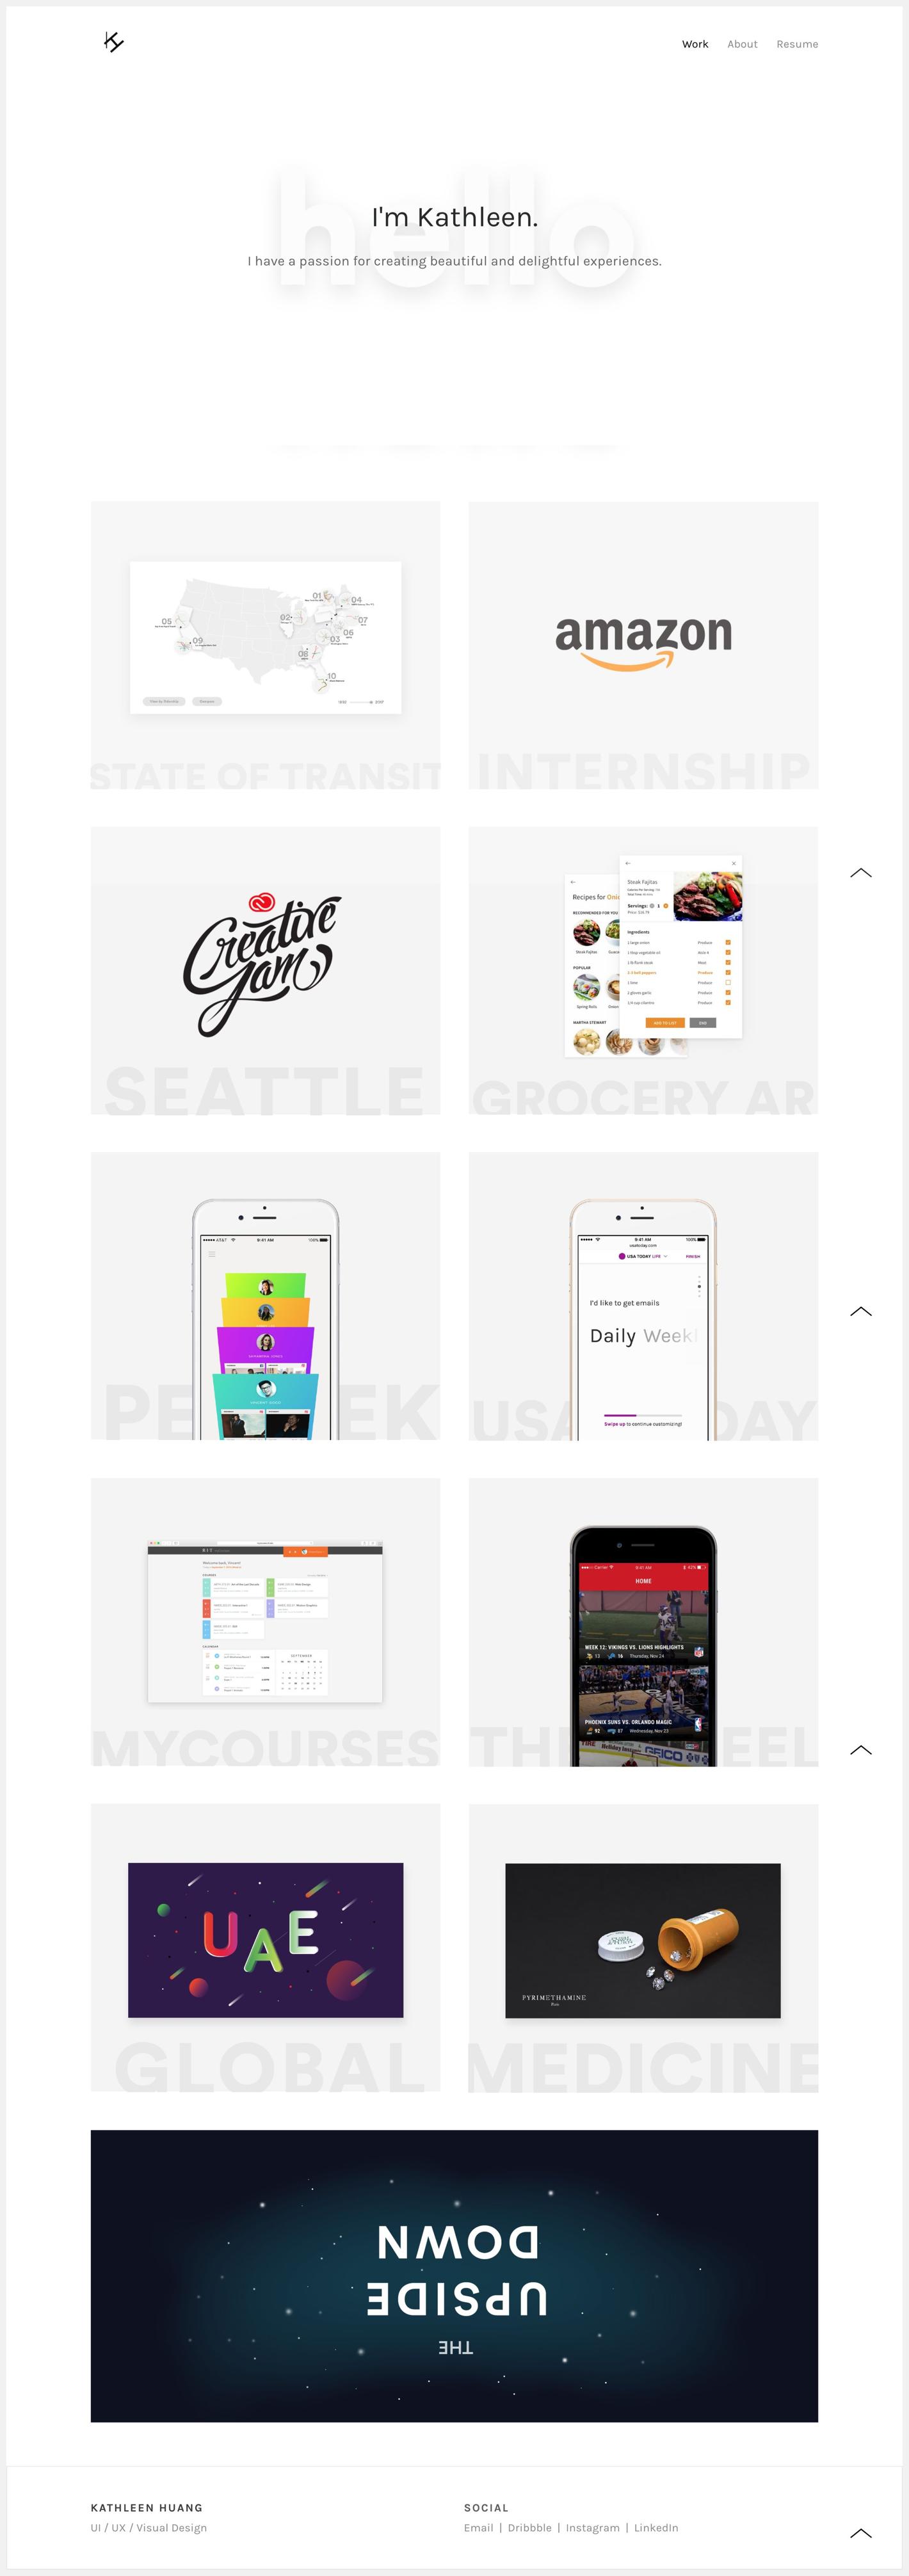 8 Ux Portfolios From Facebook Designers Portfolio Website Design Portfolio Web Design Portfolio Website